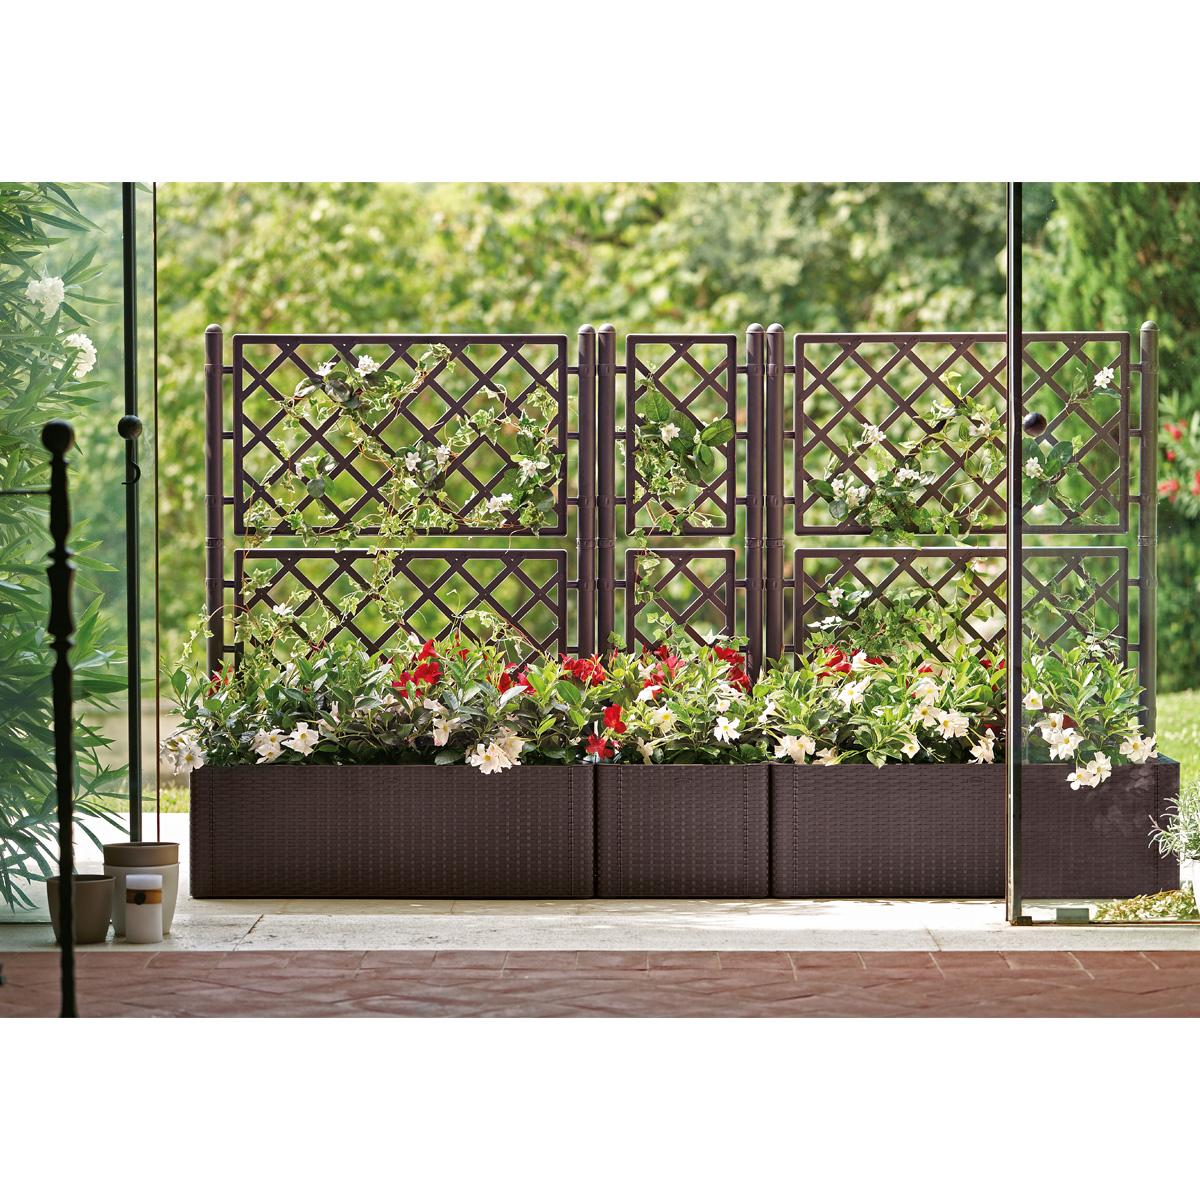 blumentopf pflanzk bel blumenkasten mit spalier. Black Bedroom Furniture Sets. Home Design Ideas